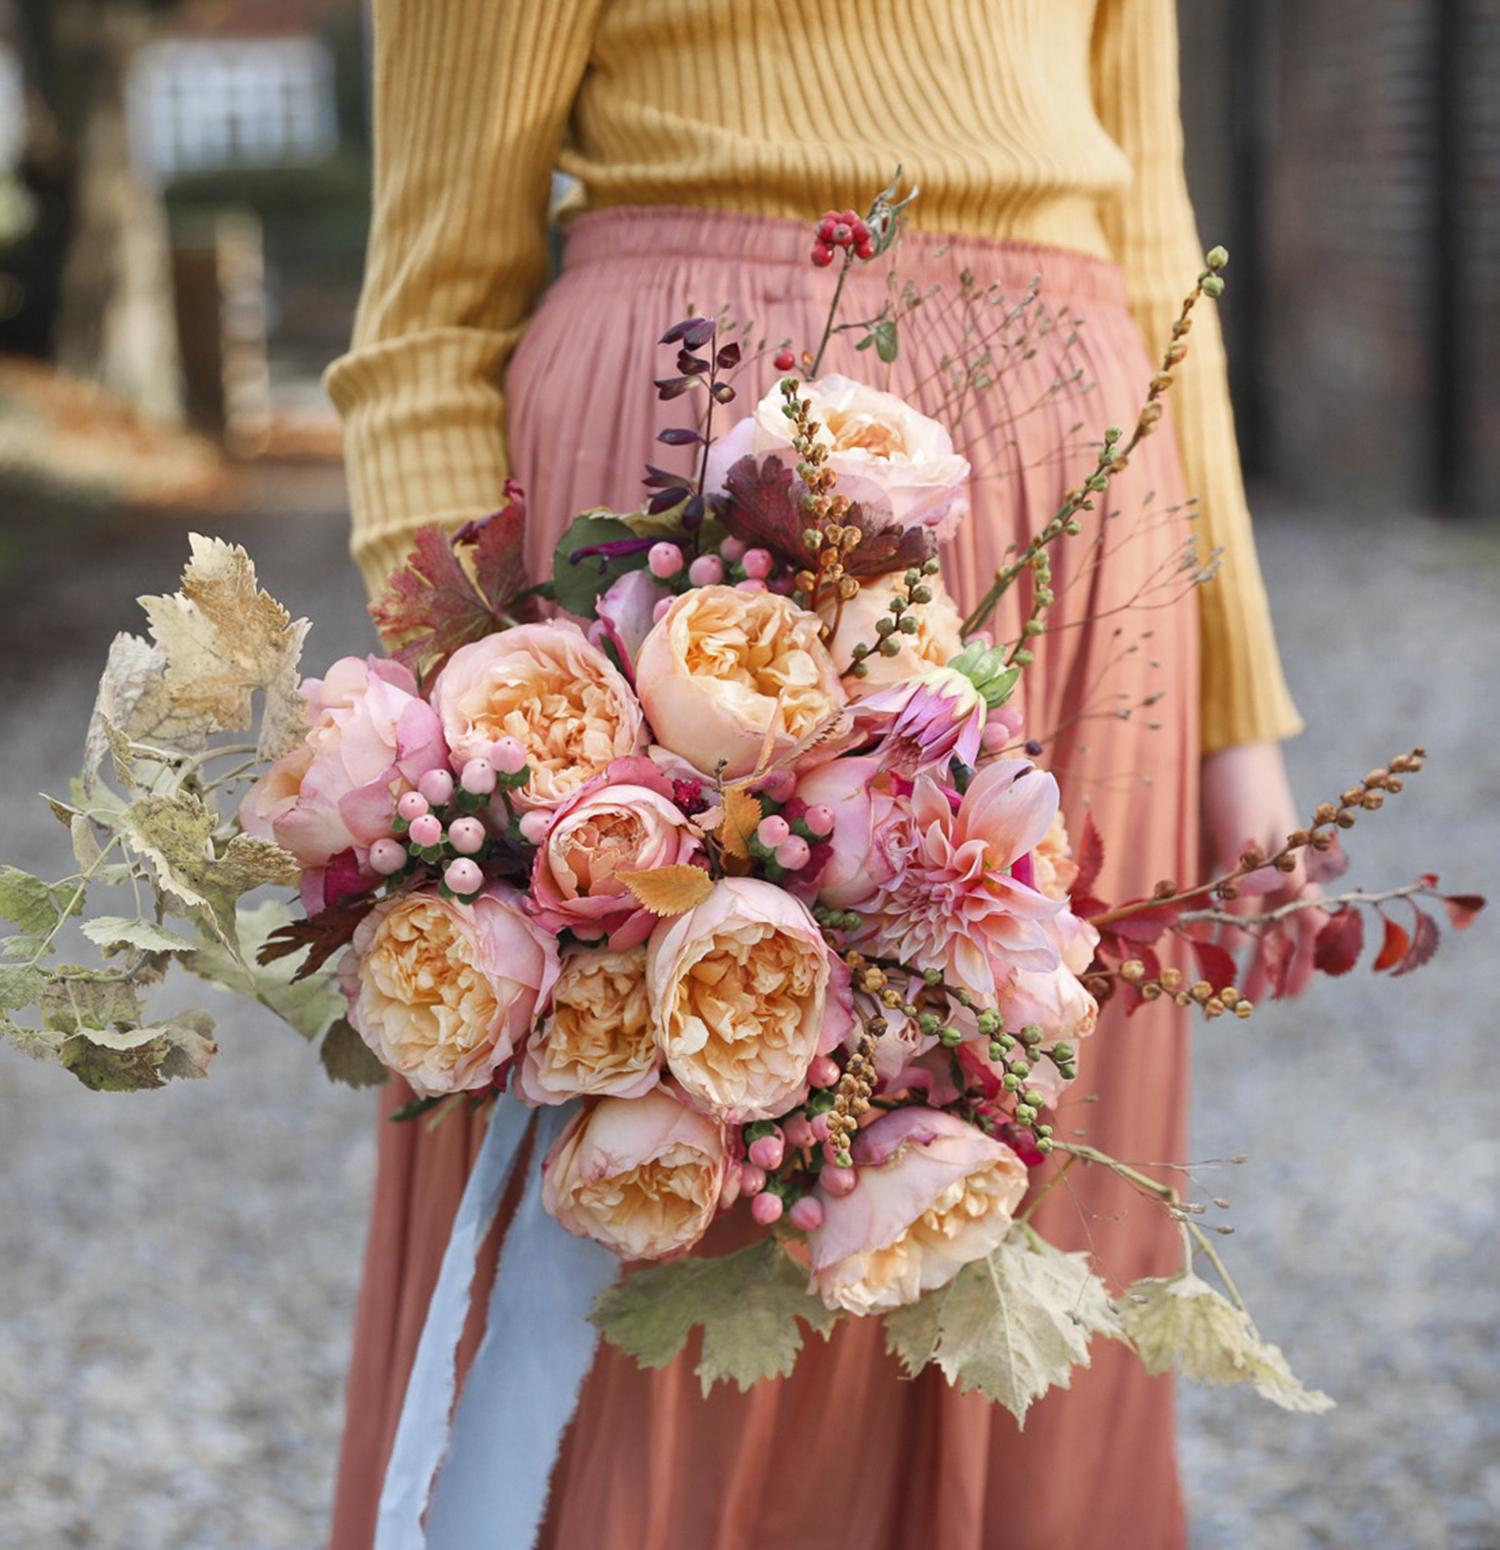 Edith roses autumn wedding design